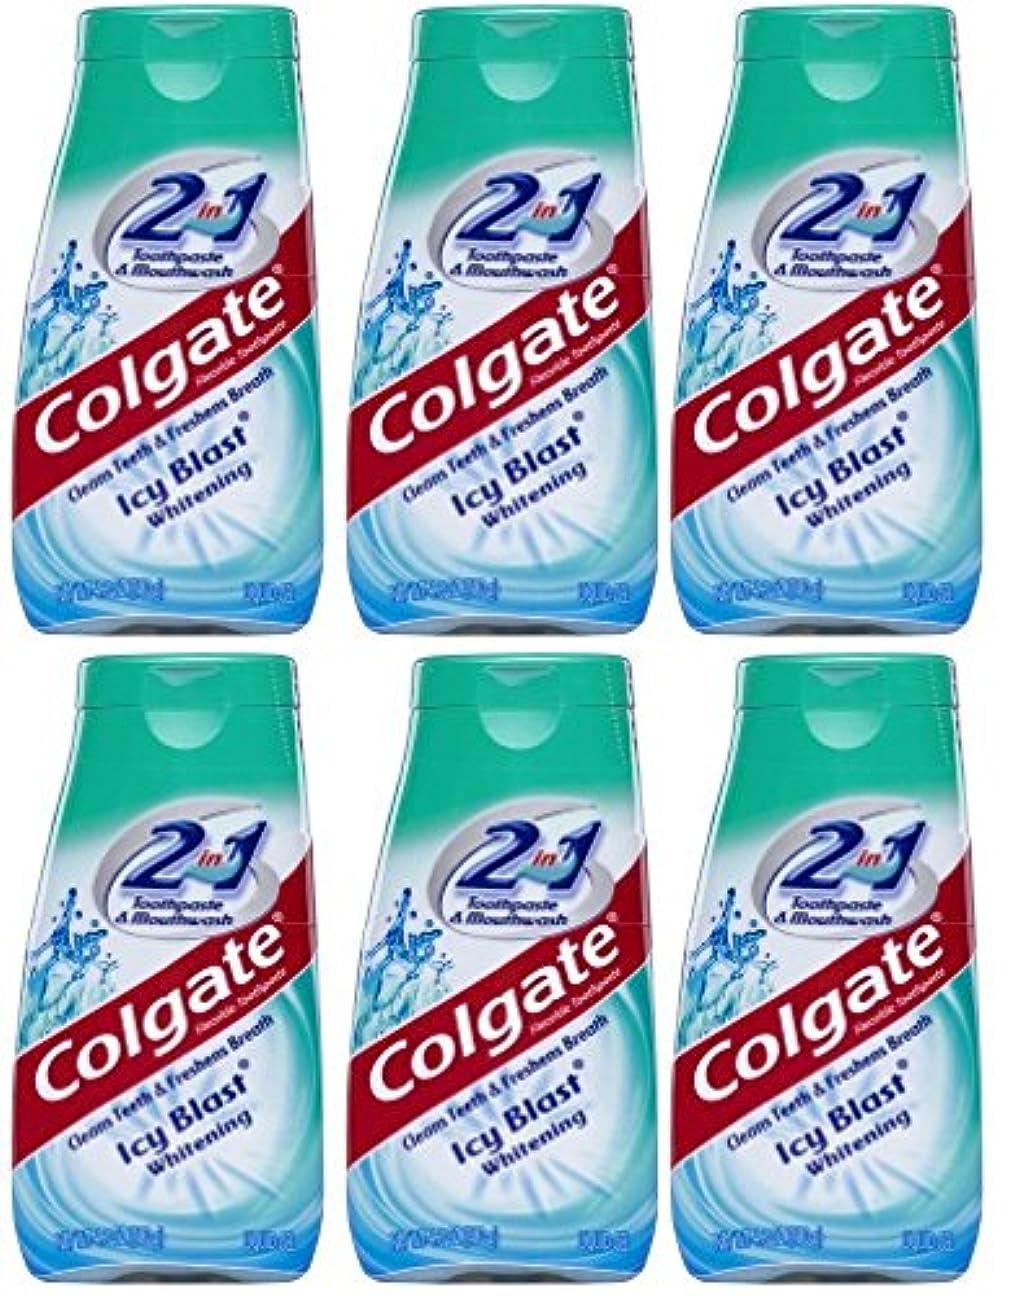 トリプルきょうだい大宇宙Colgate 2-IN-1歯磨き粉およびマウスウォッシュ、美白アイシーブラスト、4.6オンスチューブ(6パック) 6パック